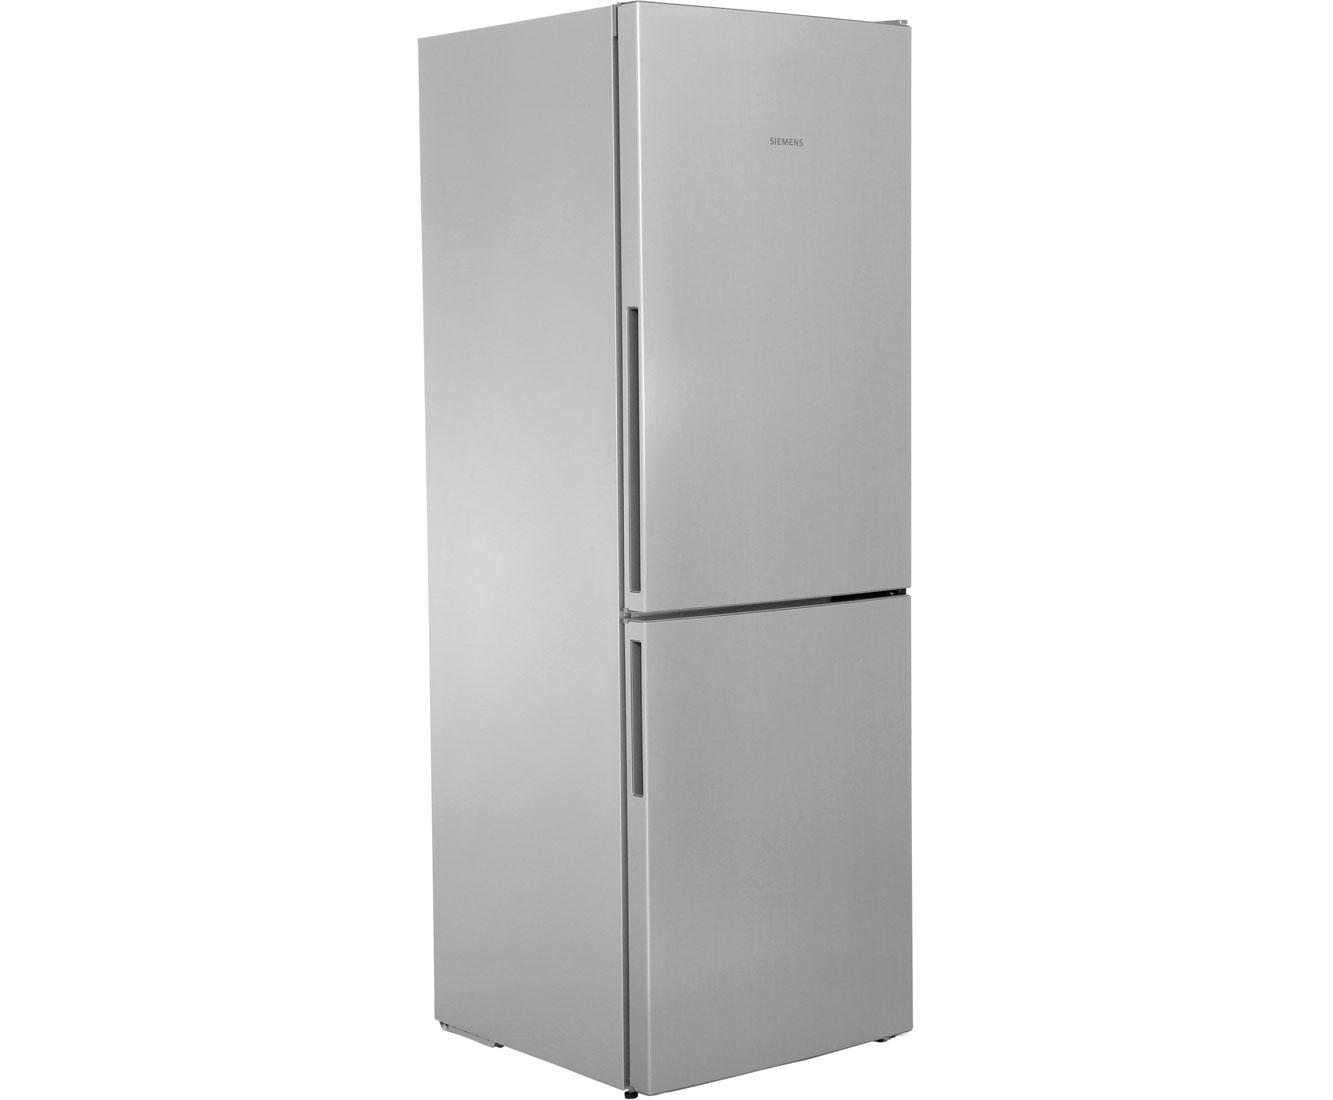 Siemens Kühlschrank Scharnier : Siemens kg vvl kühl gefrierkombination er breite edelstahl